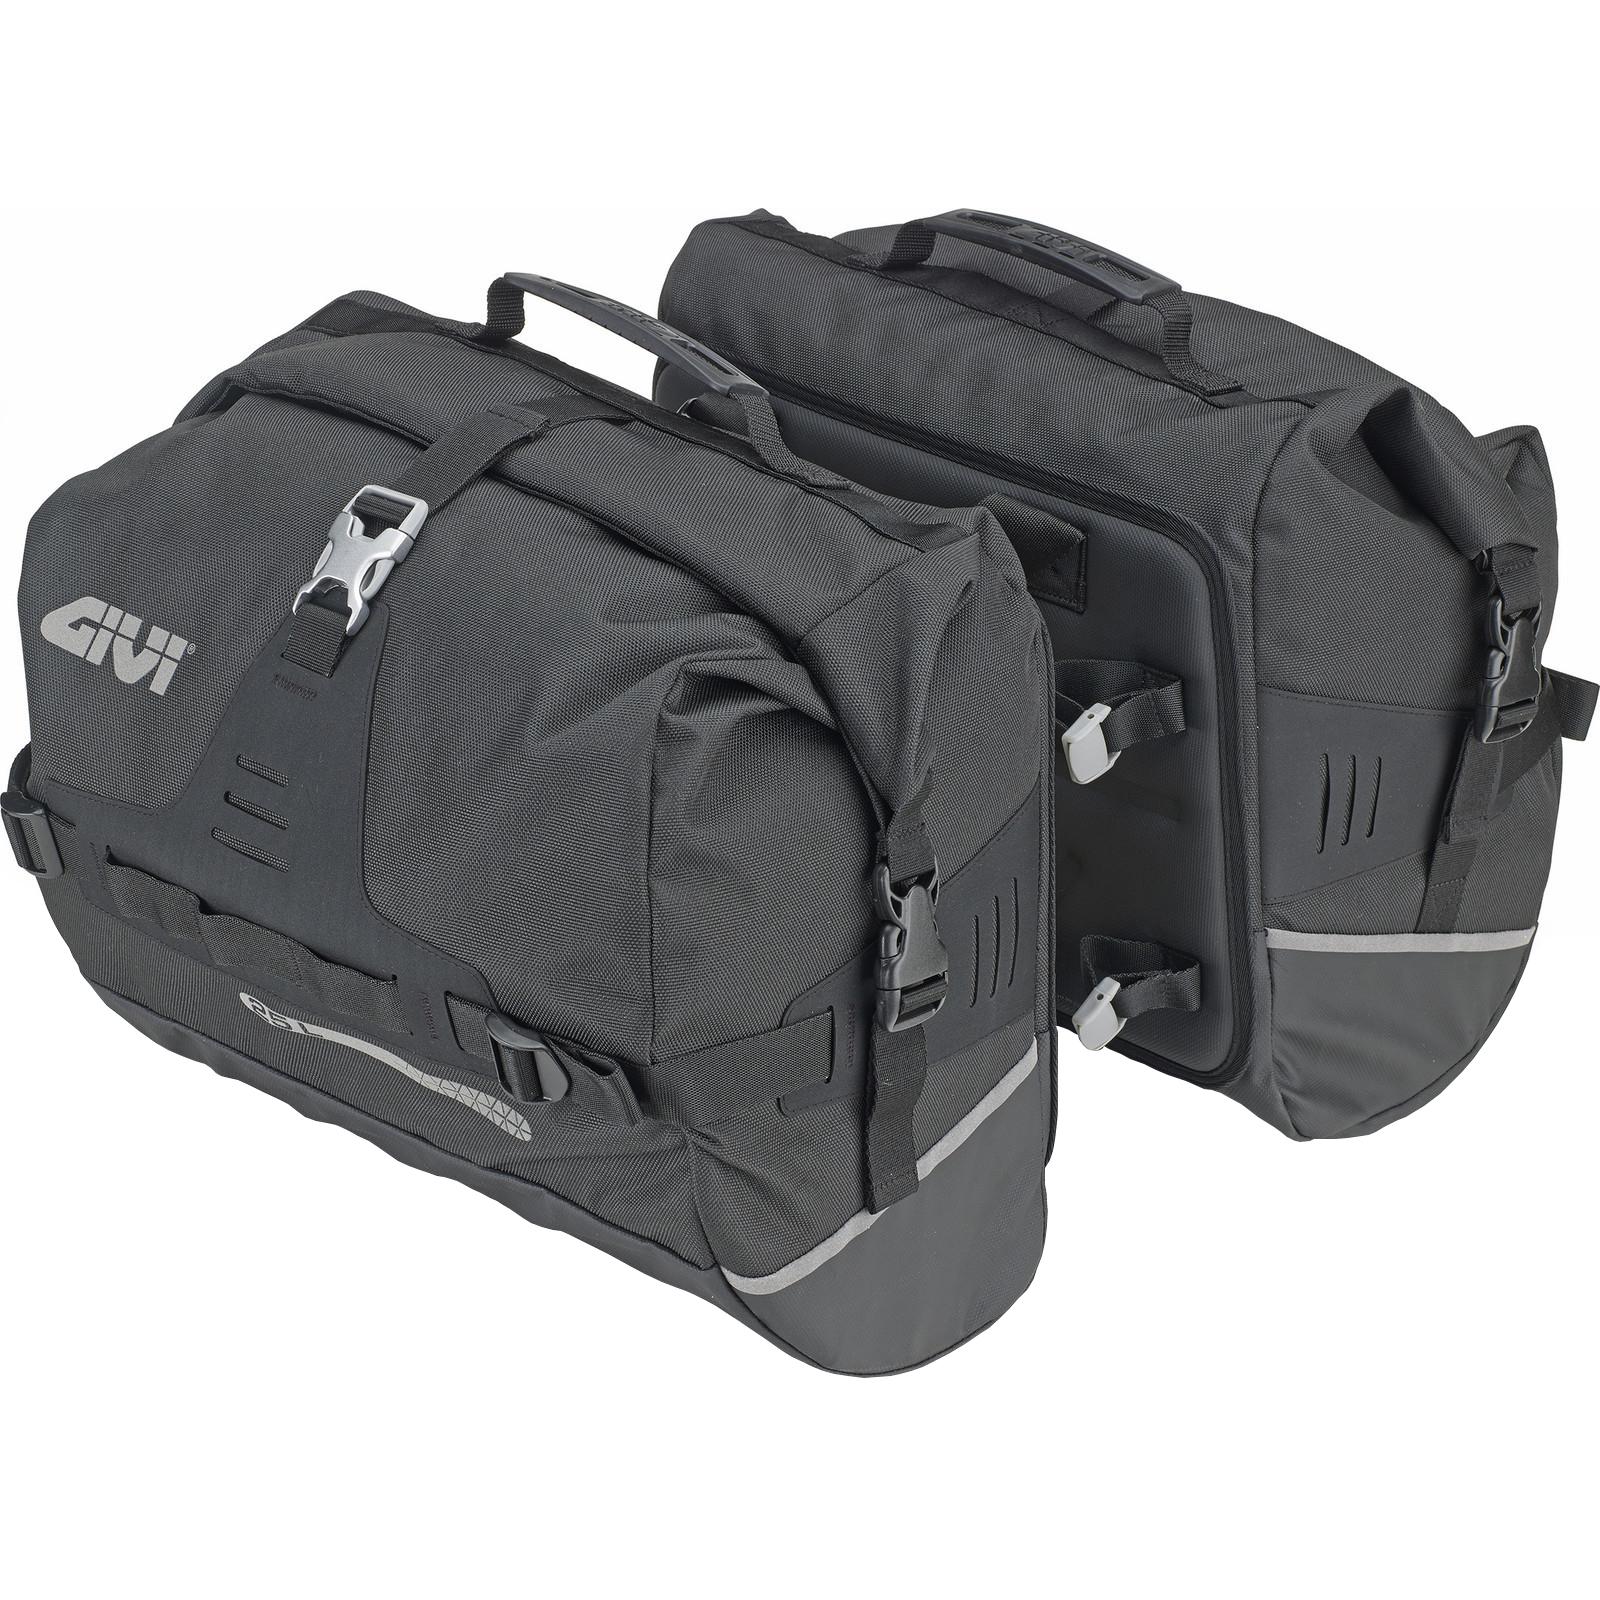 Givi Ultima T Range Waterproof Side Bags 25 25l Black Ut808